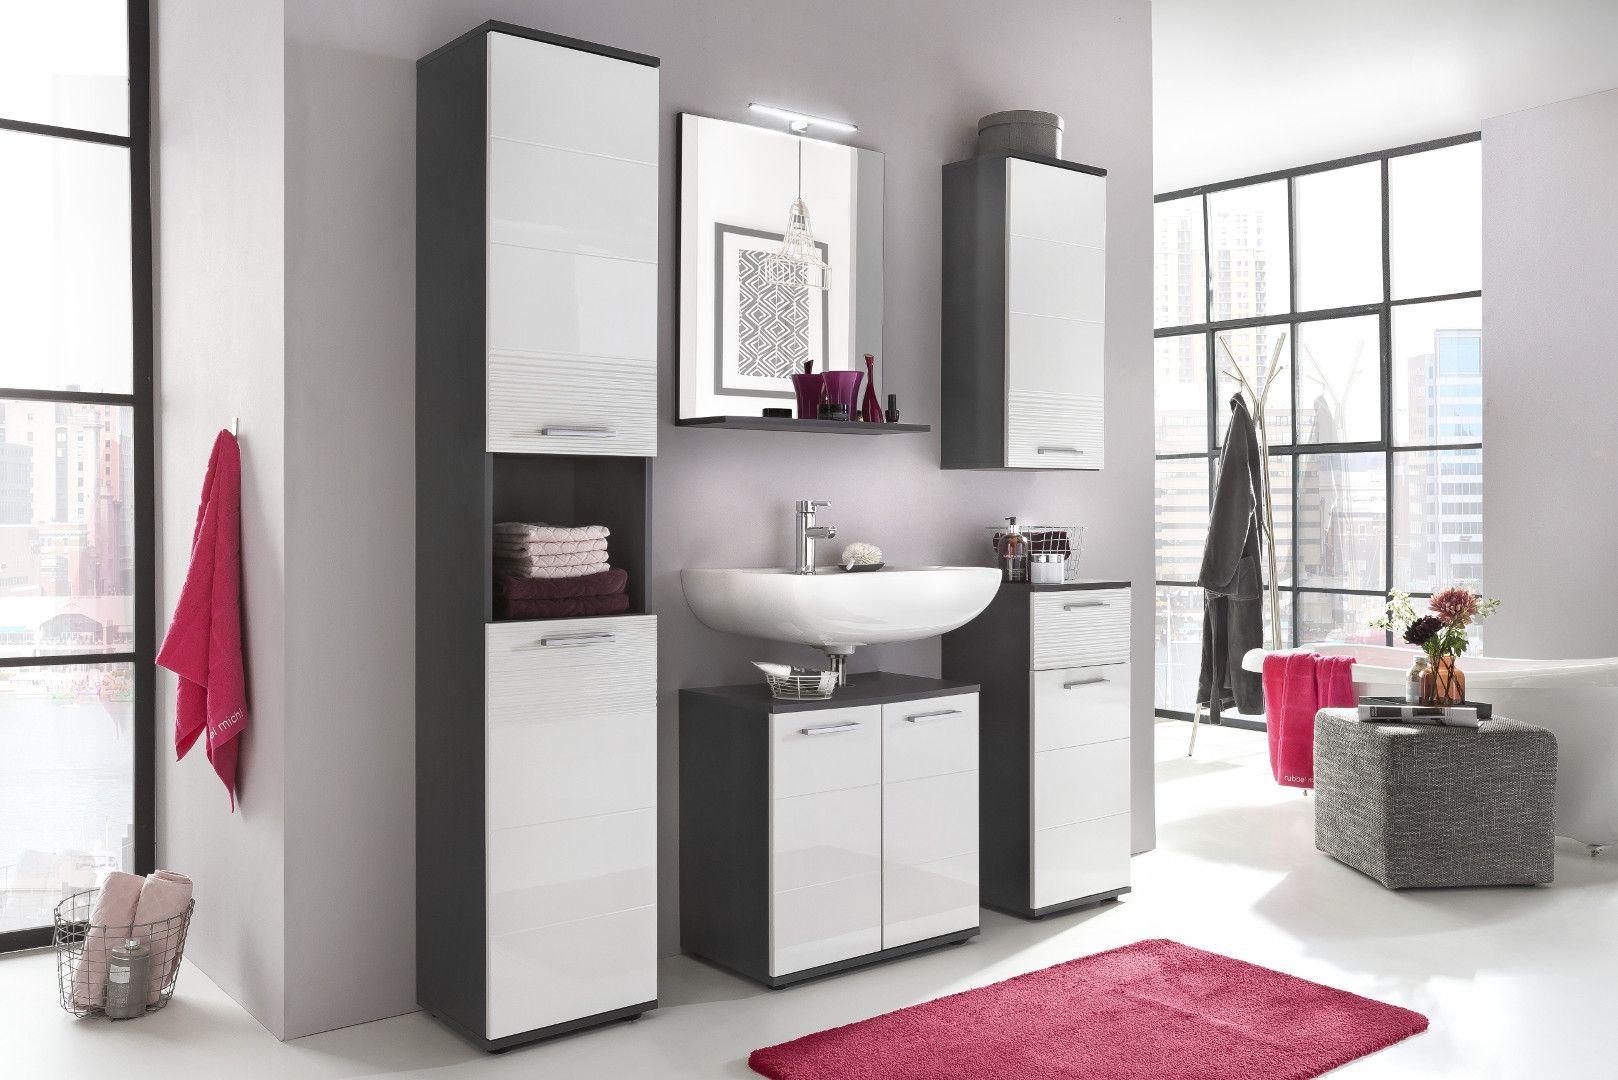 Badezimmer Smart, Auführung: Korpus In Grau